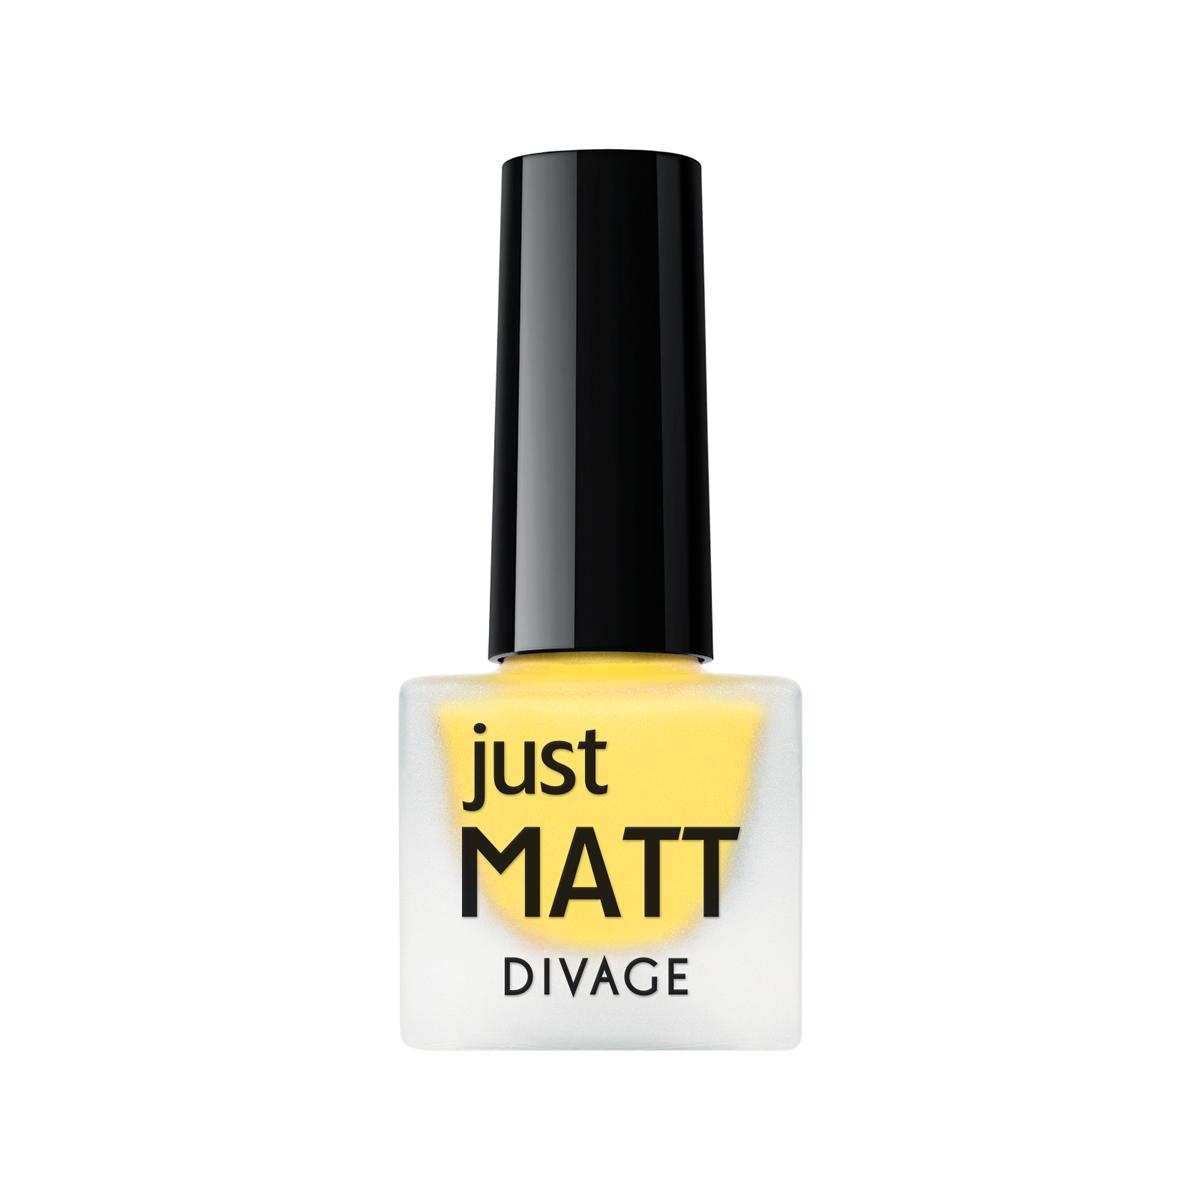 DIVAGE Лак для ногтей JUST MATT, тон № 5623, 7 мл004382Легкая мягкая текстура лака позволяет выполнить маникюр с эффектом матового покрытия. Настоящая бархатная фантазия для твоего образа. Лак выравнивает неровности ногтевой пластины и позволяет создать идеальный маникюр с насыщенным цветом в один слой. Коллекция постоянно дополняется и обновляется новыми актуальными цветами. С оттенками коллекции JUST MATT легко воплотить в жизнь различные nail-дизайны, и каждый раз ваш маникюр будет смотреться стильно и по-новому! Легкая мягкая текстура лака позволяет выполнить маникюр с эффектом матового покрытия. Настоящая бархатная фантазия для твоего образа. Лак выравнивает неровности ногтевой пластины и позволяет создать идеальный маникюр с насыщенным цветом в один слой. Коллекция постоянно дополняется и обновляется новыми актуальными цветами.